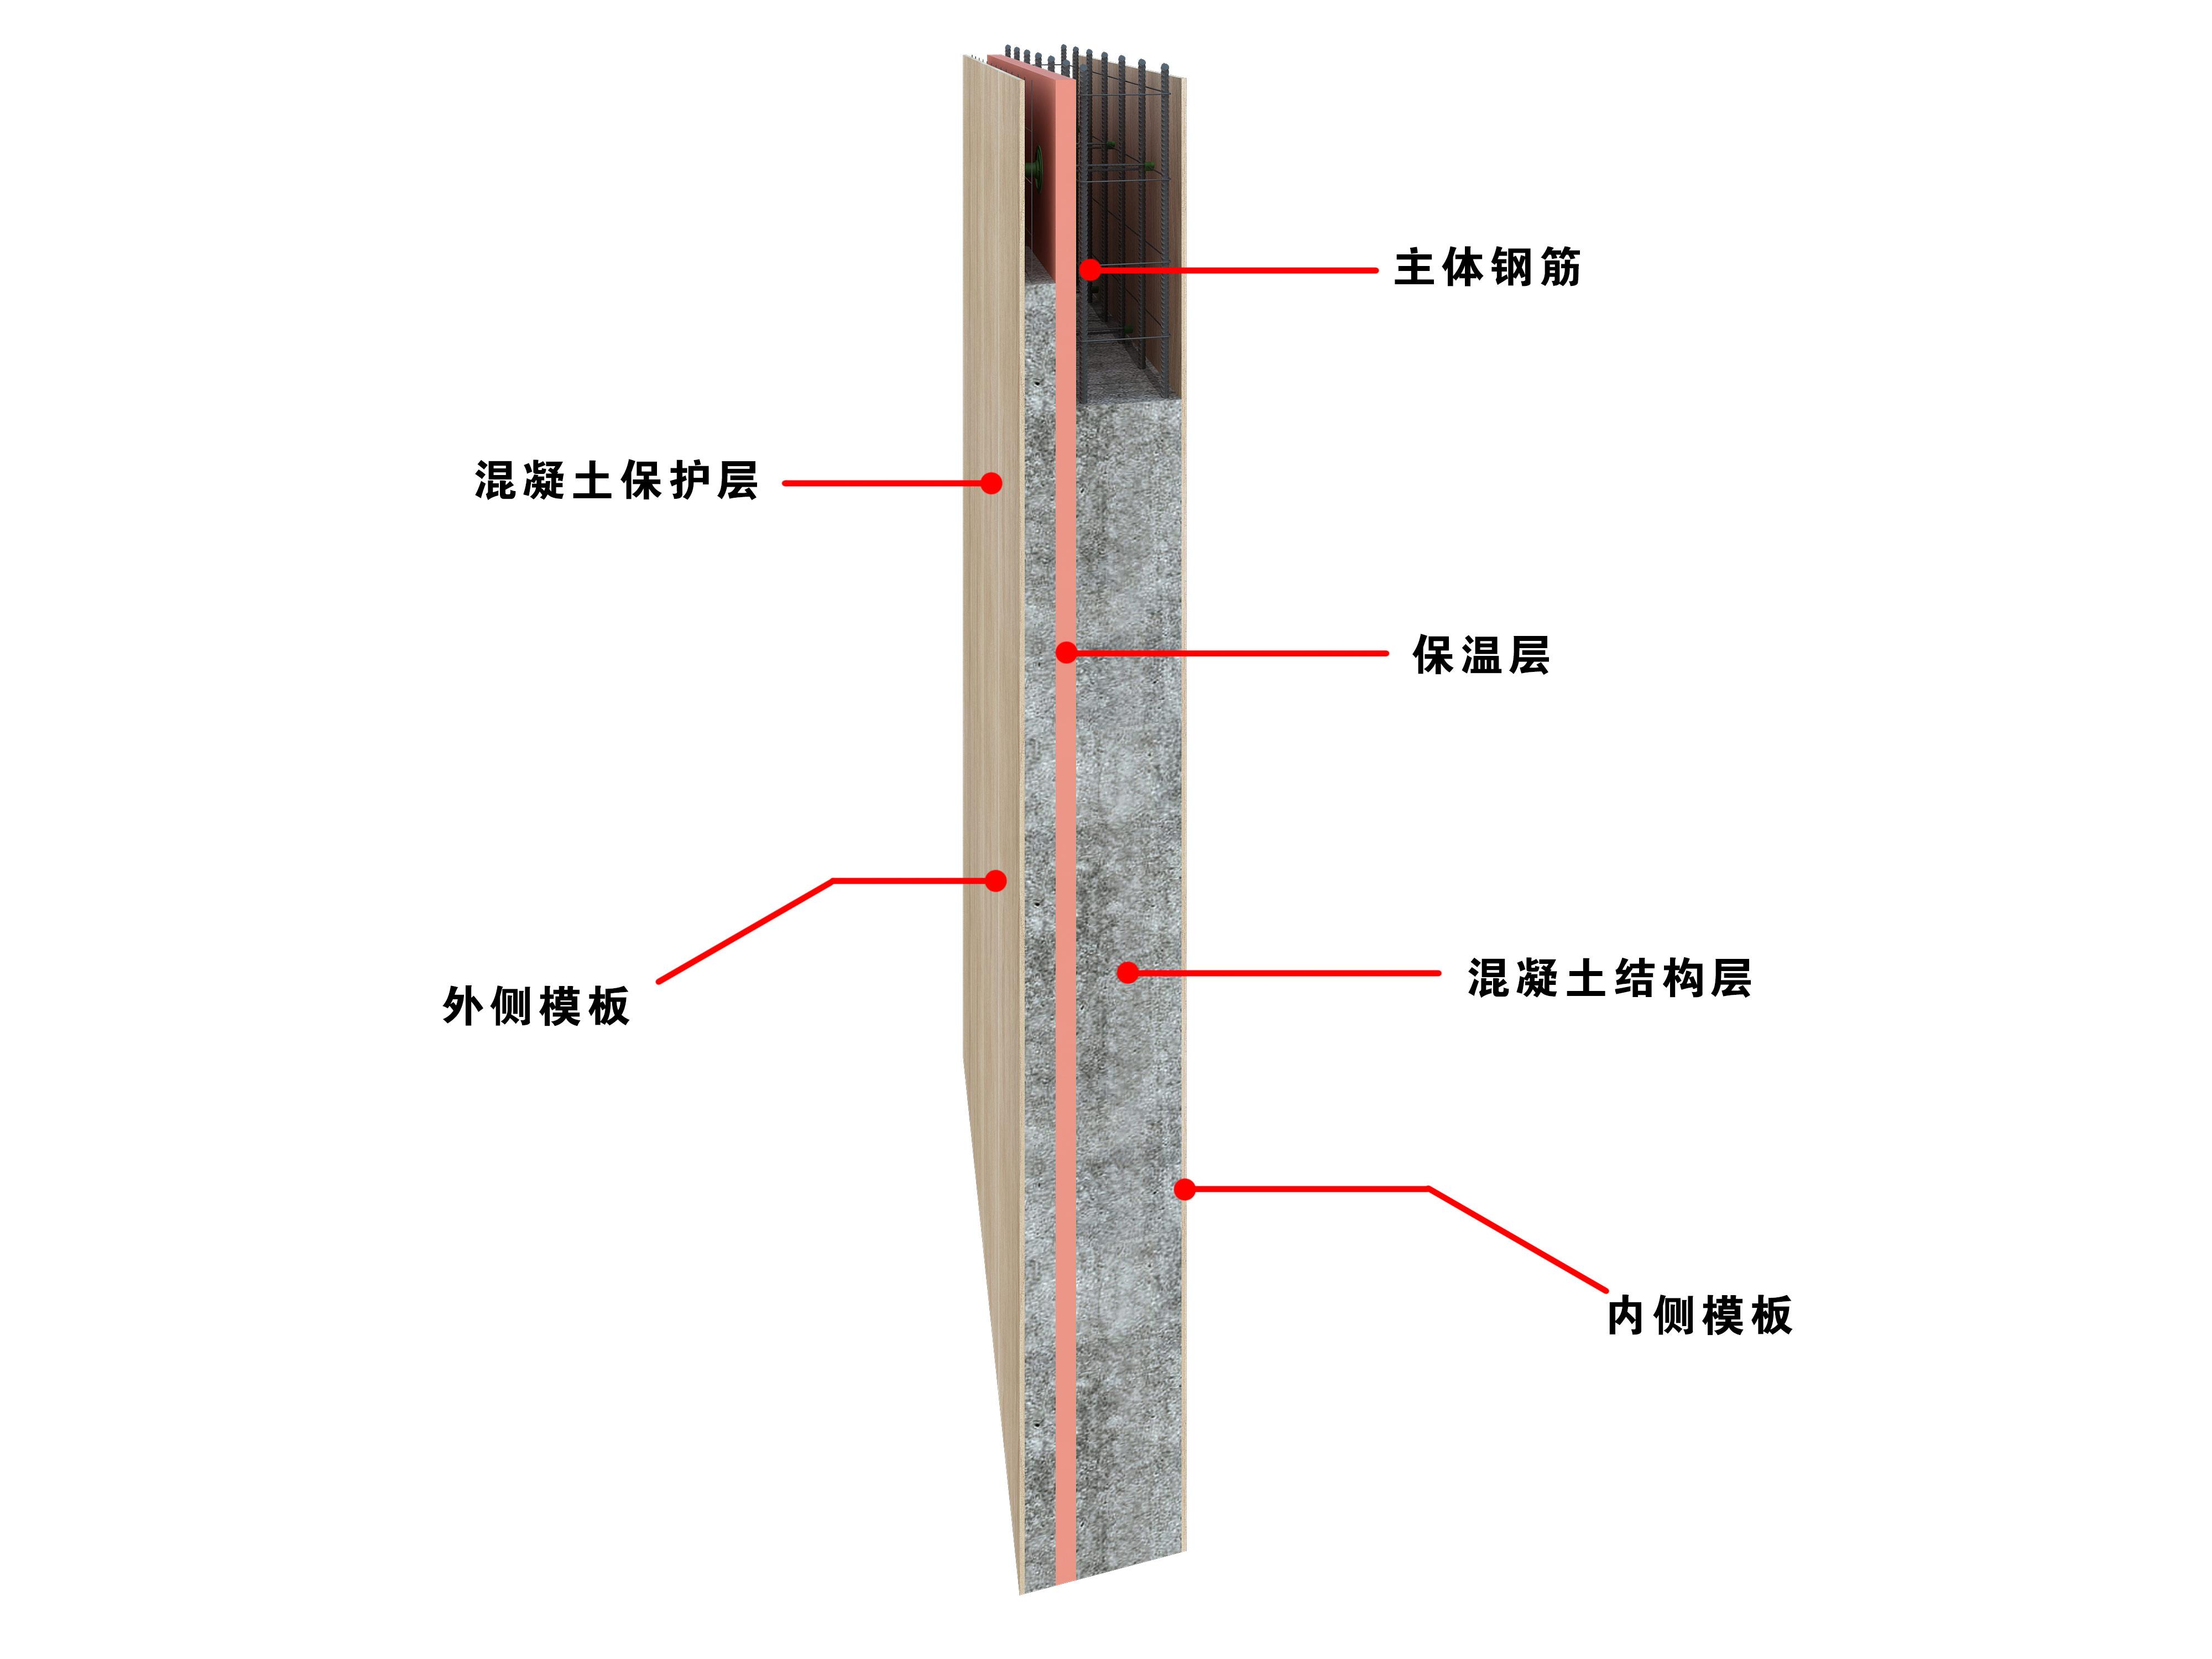 BJS山西佰基科技有限公司—产品介绍10